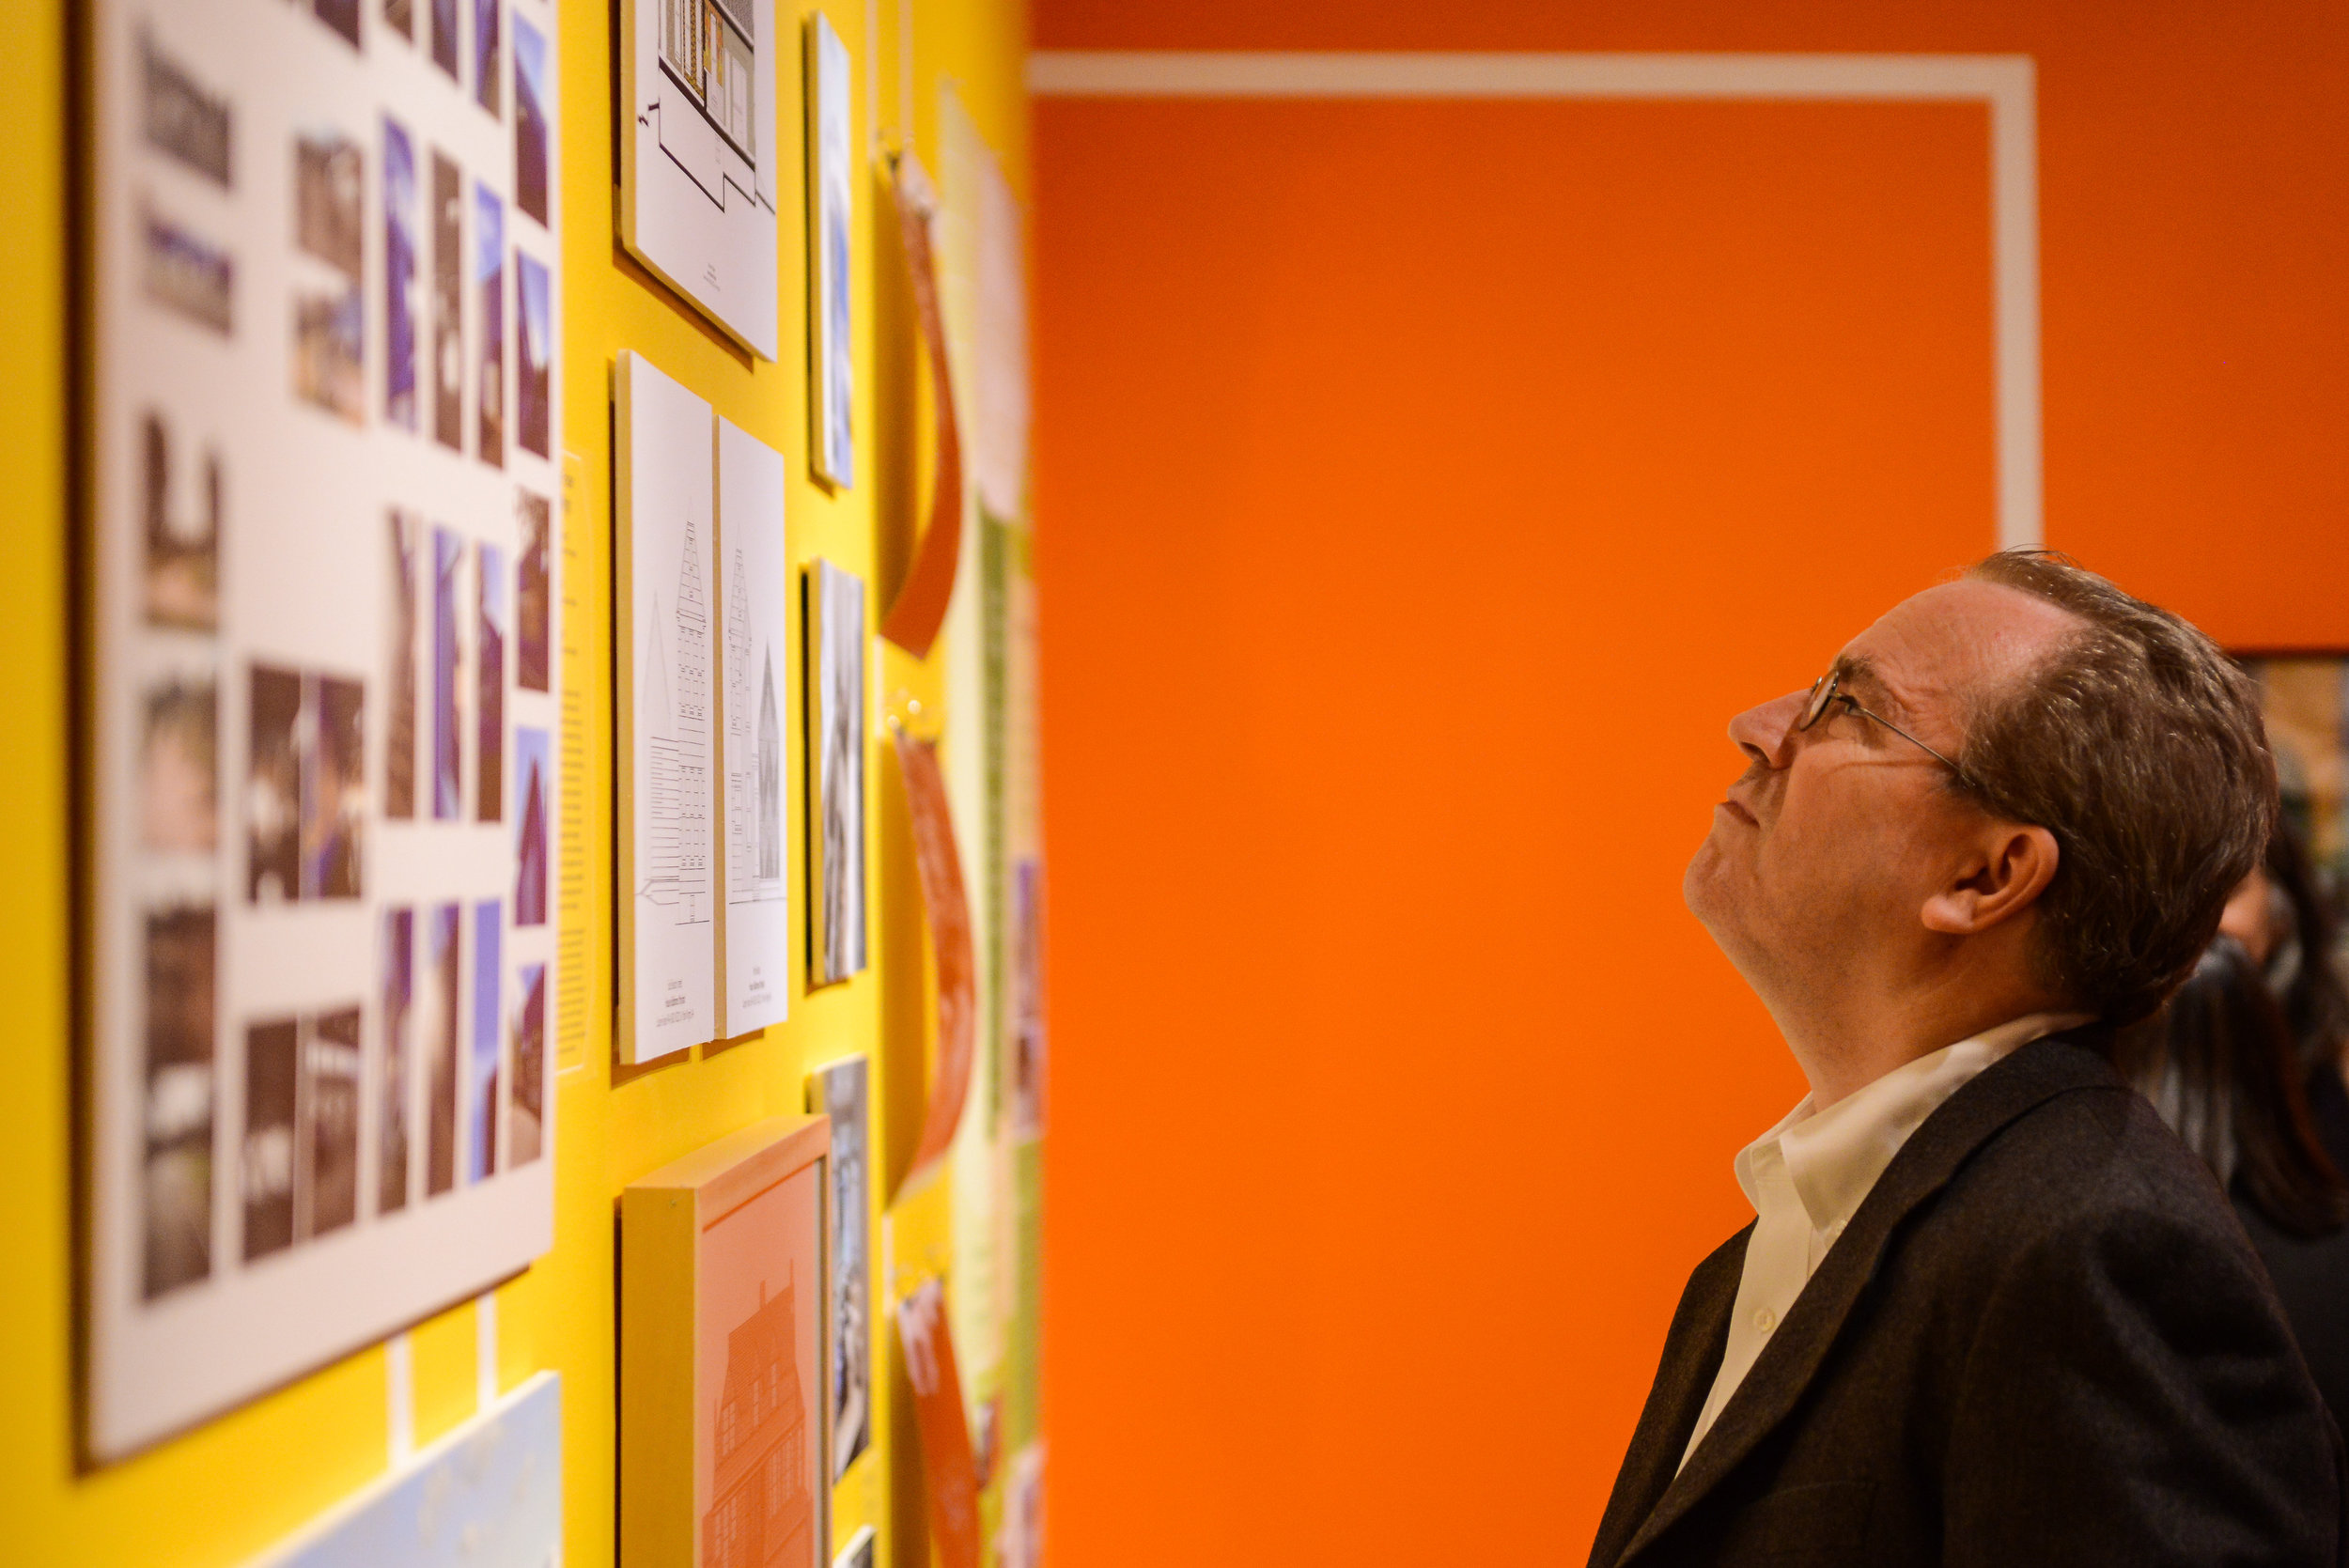 creative-scholarship-a-nysid-faculty-exhibition_36804084724_o[1].jpg